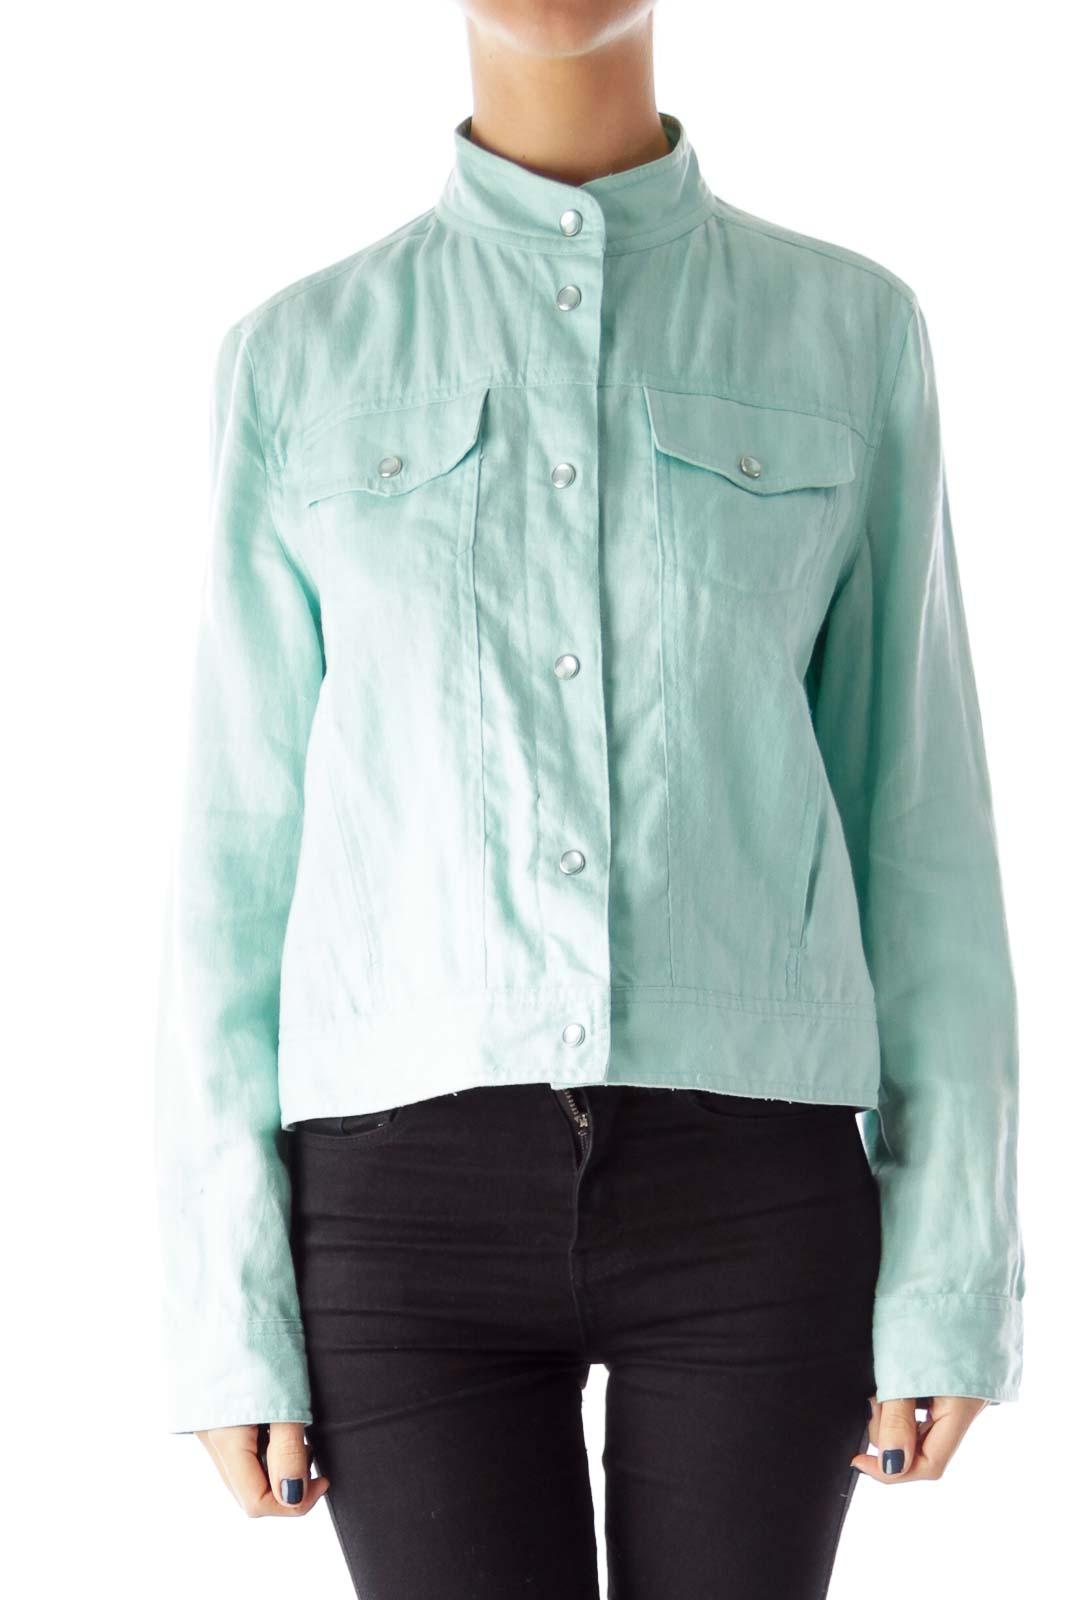 Pastel Blue Linen Jacket Front